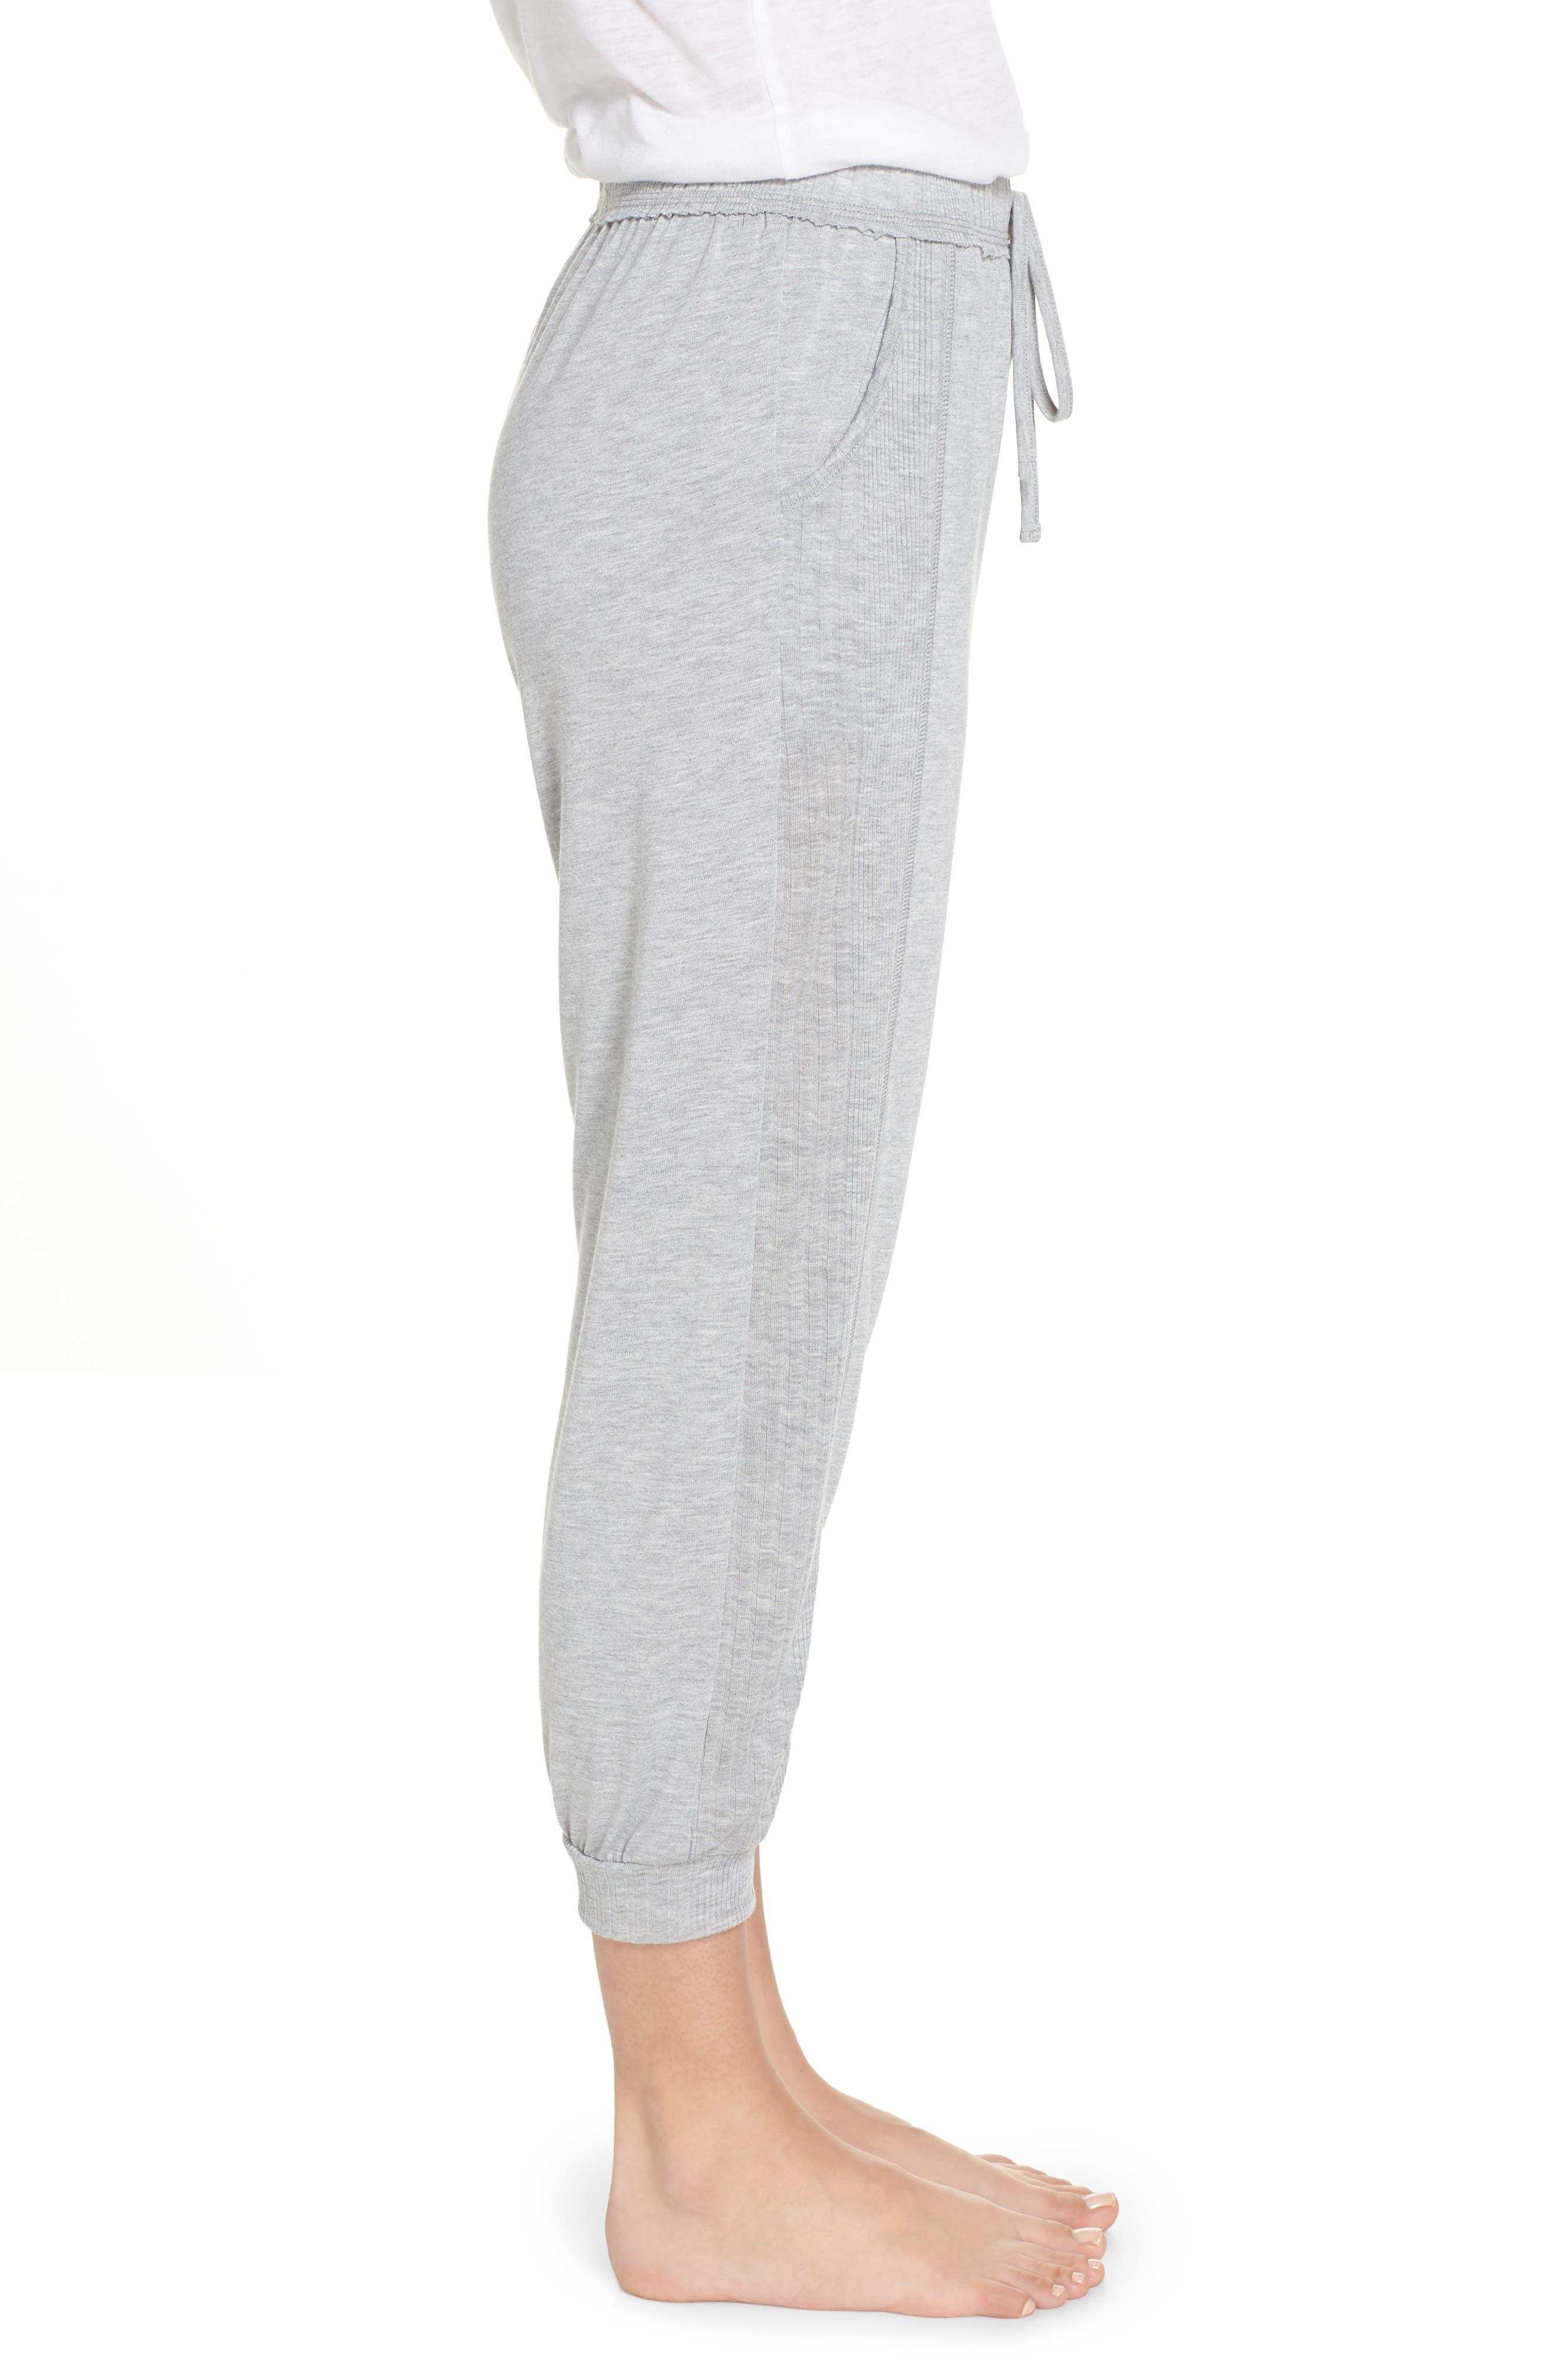 Crop Pajama Pants,                             Alternate thumbnail 3, color,                             LIGHT HEATHER GREY